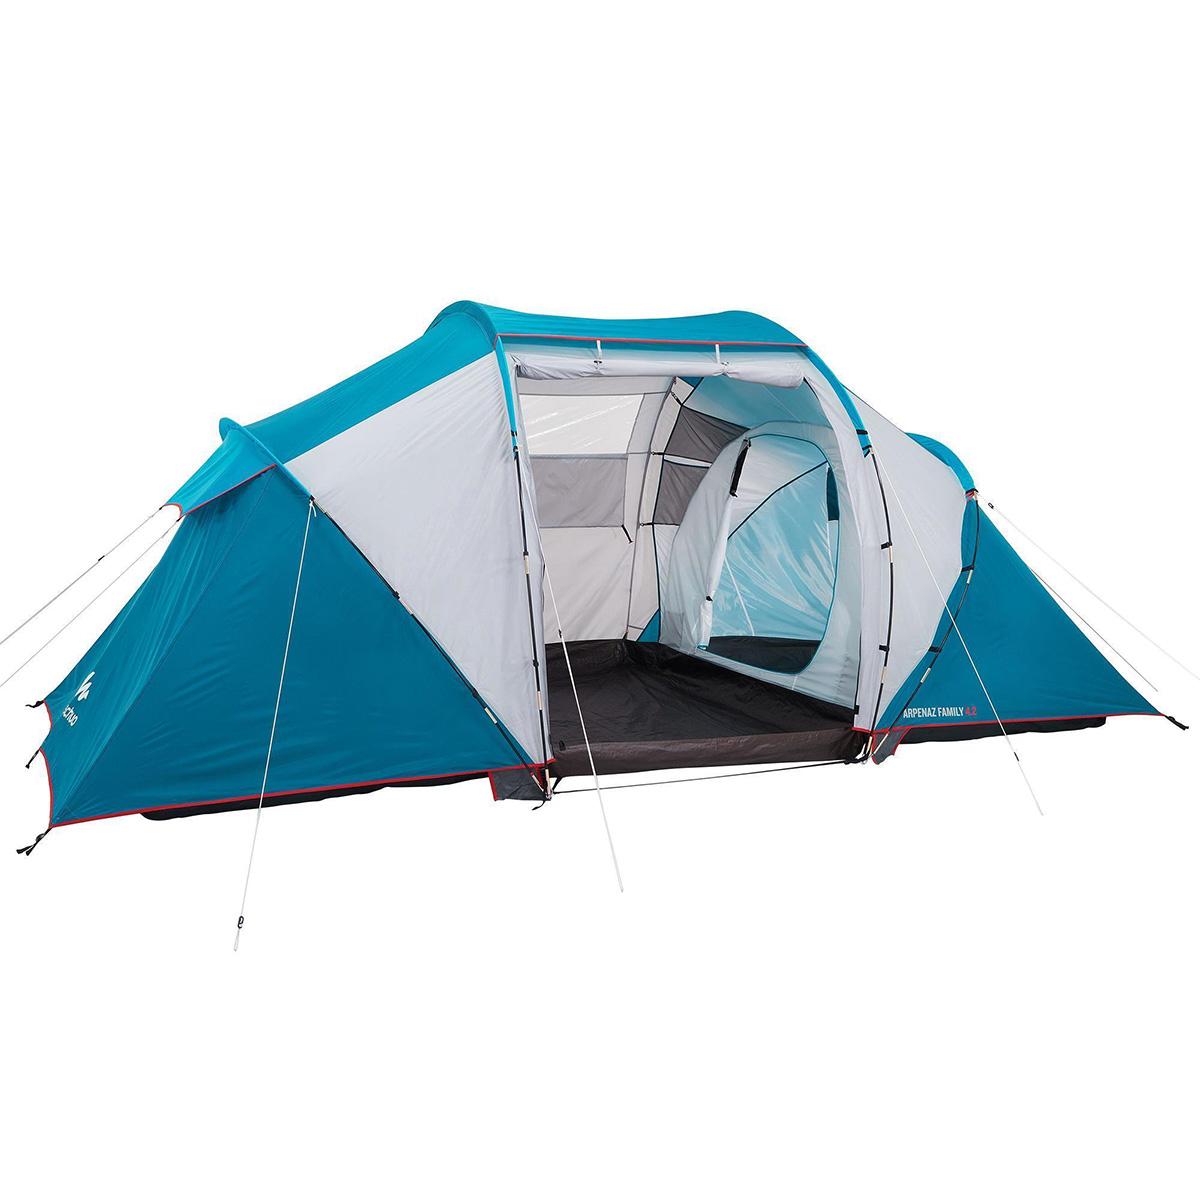 4 kişilik çadır - 2 odalı